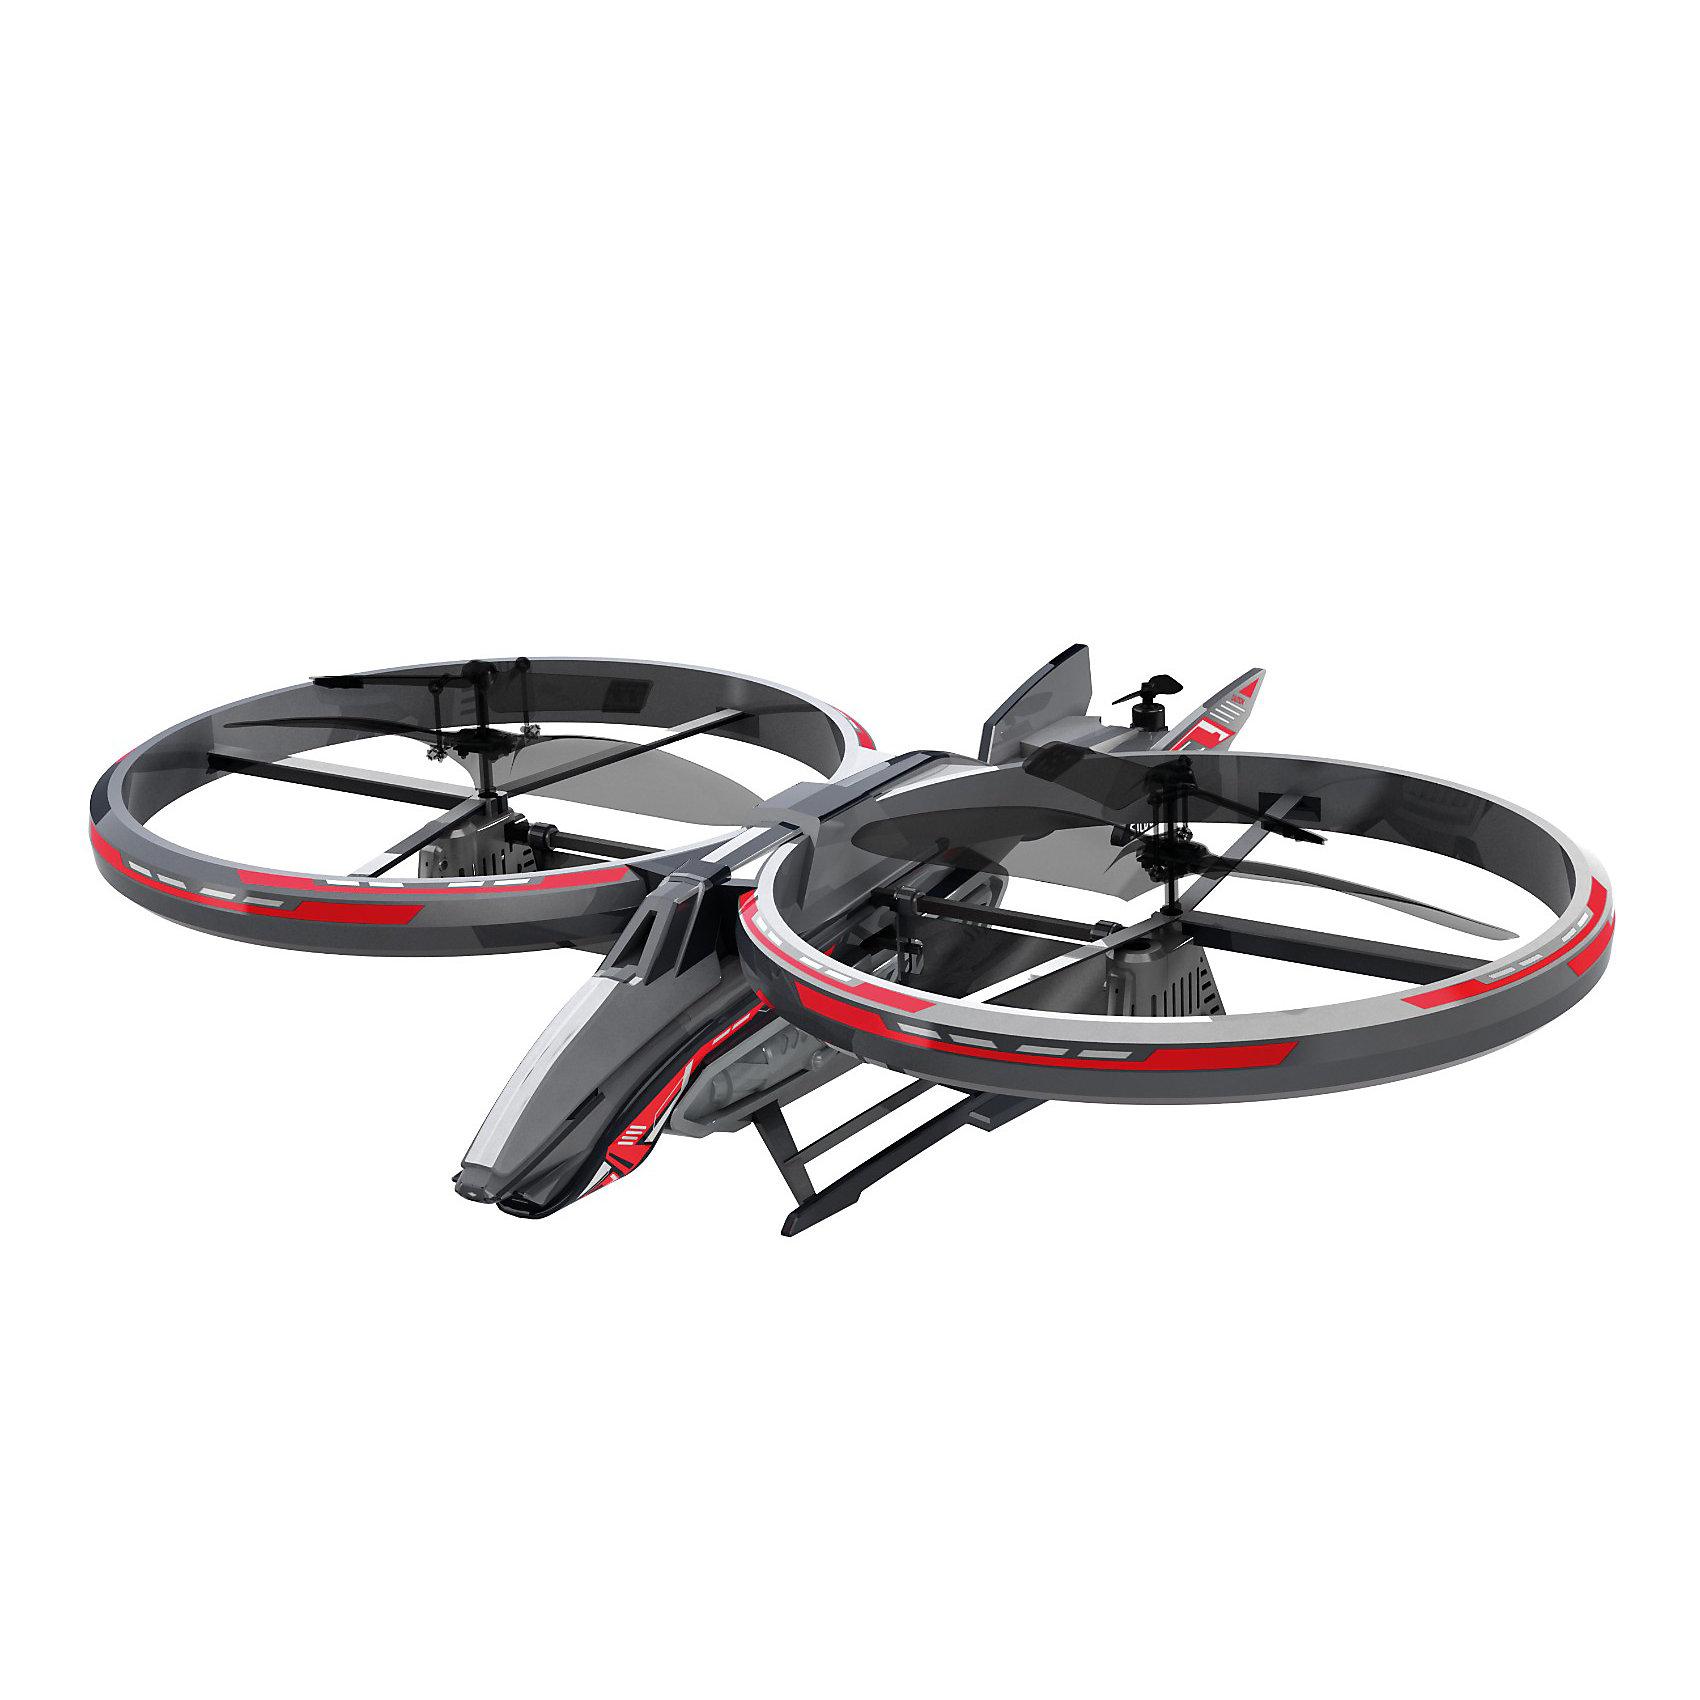 Вертолет Аватар 3х канальный, SilverlitФантастический трехканальный вертолет Аватар от Silverlit (Сильверлит) на дистанционном управлении не оставит равнодушным Вашего ребенка. С игрушкой можно играть и на улице в безветренную погоду, и в закрытом помещении. Модель с необычным дизайном представляет собой летательный аппарат с уникальной системой винта для стабильного подъема.<br>Вертолет управляется с помощью пульта дистанционного управления, может двигаться вверх-вниз, вперед-назад, вправо-влево или в режиме свободного парения, предусмотрен контроль скорости. На пульте расположены переключатель каналов, рычаги управления, триммер выравнивания воздушной машины, колесо регулировки, а также индикаторы зарядки и питания. Вертолет оснащен светодиодными огнями и может запускаться в темное время суток.<br><br>Дополнительная информация:<br><br>- В комплекте: вертолет (1шт.), пульт управления (1шт.), запасной хвостовой винт (1шт.), отвертка для смены винта (1шт.), наклейка (1шт.), инструкция (1шт.)<br>- Материал: пластик, вспененный полипропилен.<br>- Требуются батарейки: 6 х АА 1.5V LR (пальчиковые) (в комплект не входят).<br>- Размеры вертолета: 24  х 31 х 8 см.<br>- Диаметр ротора : около 13,5 см<br>- Продолжительность полета около 8 минут<br>- Радиус действия пульта - 10 м. <br>- Вертолет можно подзаряжать с помощью кабеля USB, время зарядки - около 25 мин.<br>- Размер упаковки: 50 х 11 х 30 см.<br>- Вес вертолета: 46 гр.<br>- Вес упаковки: 0,600 кг.<br><br> Вертолет Аватар 3-х канальный, Silverlit можно купить в нашем интернет-магазине.<br><br>Ширина мм: 500<br>Глубина мм: 309<br>Высота мм: 111<br>Вес г: 686<br>Возраст от месяцев: 120<br>Возраст до месяцев: 180<br>Пол: Мужской<br>Возраст: Детский<br>SKU: 2266100